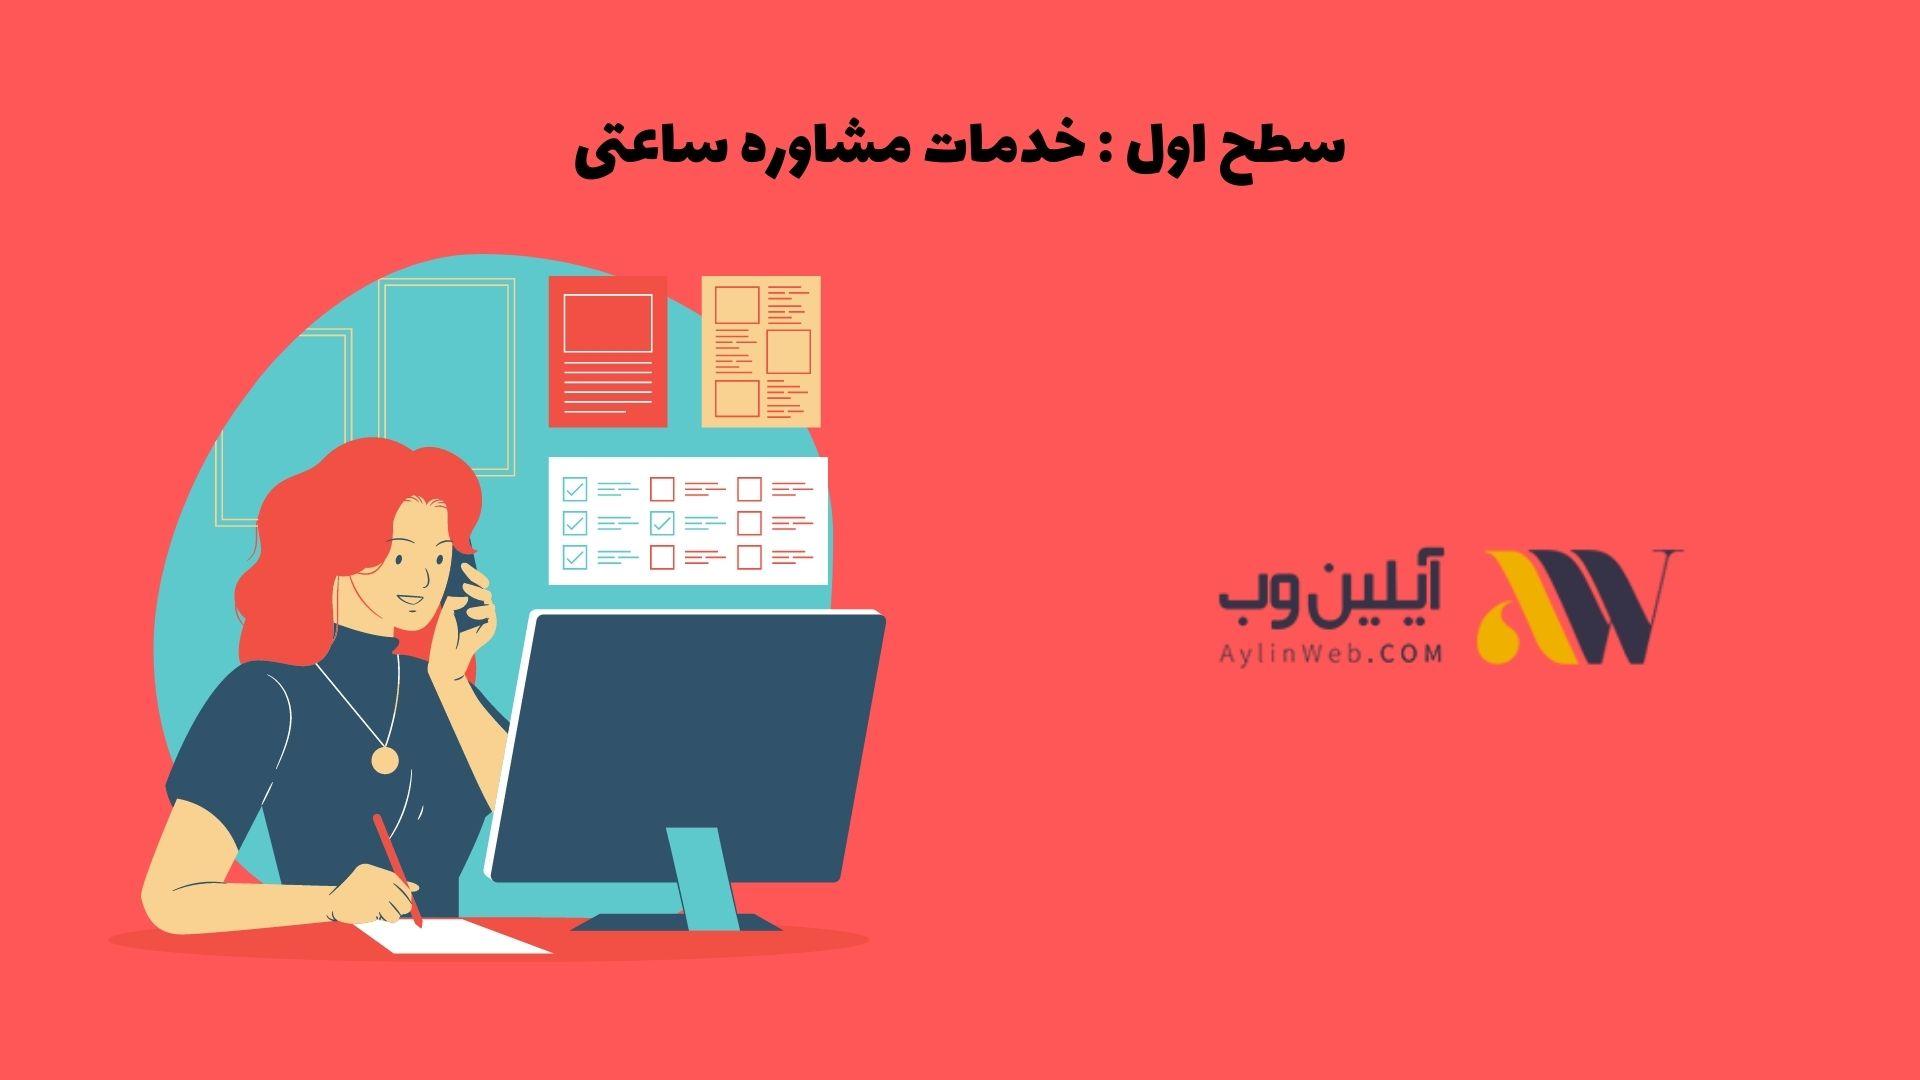 سطح اول : خدمات مشاوره ساعتی